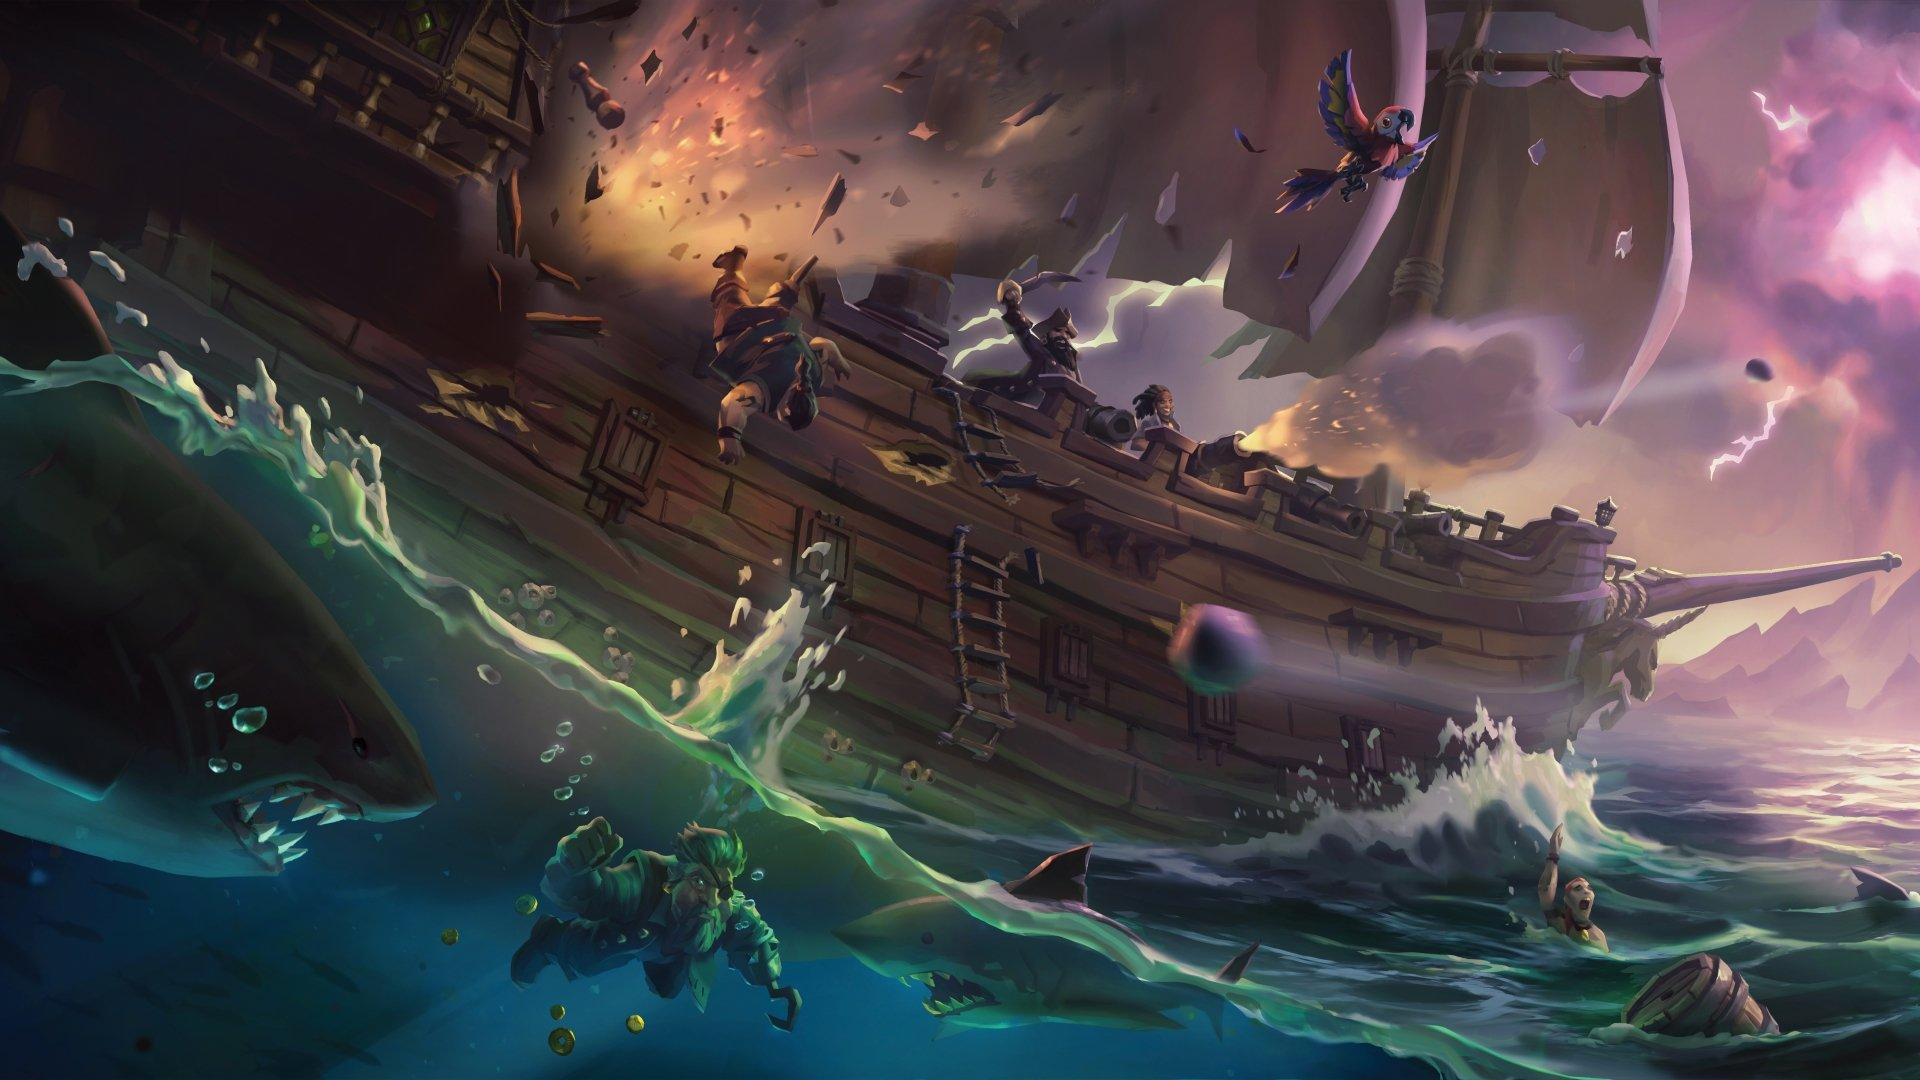 Fondos de pantalla de Sea of Thieves, Wallpapers